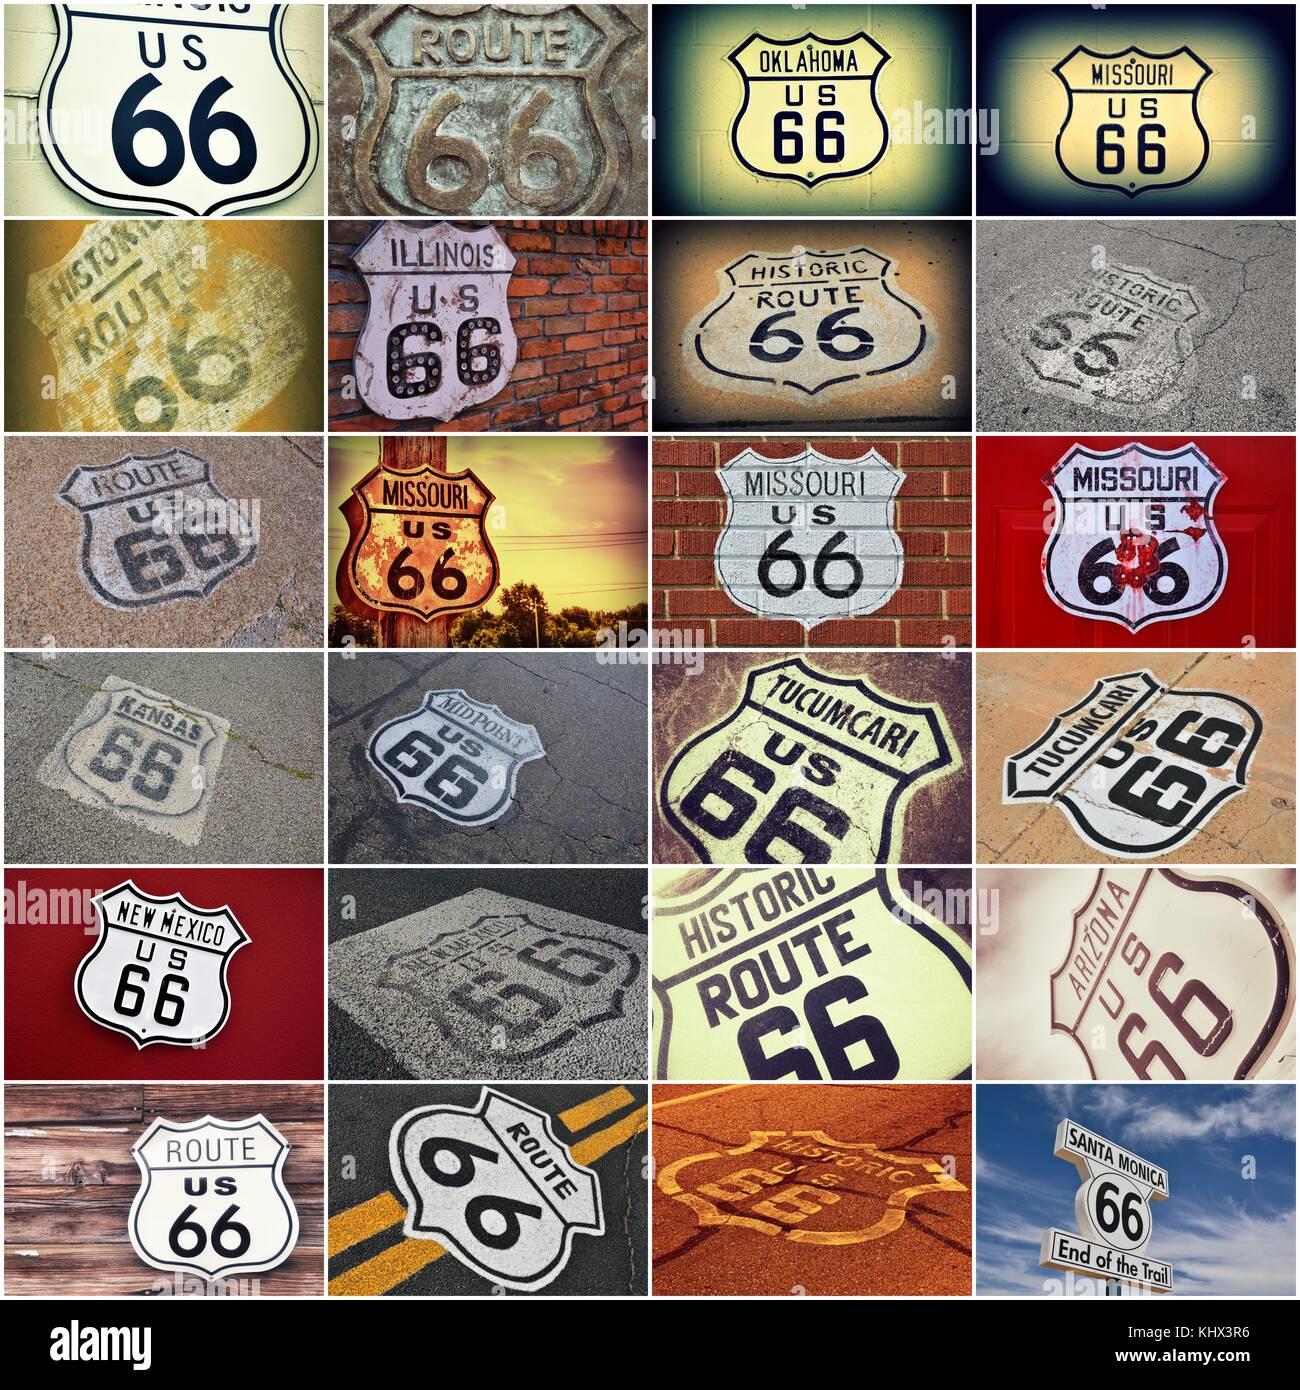 Missouri Kansas Texas Stock Photos & Missouri Kansas Texas Stock ...